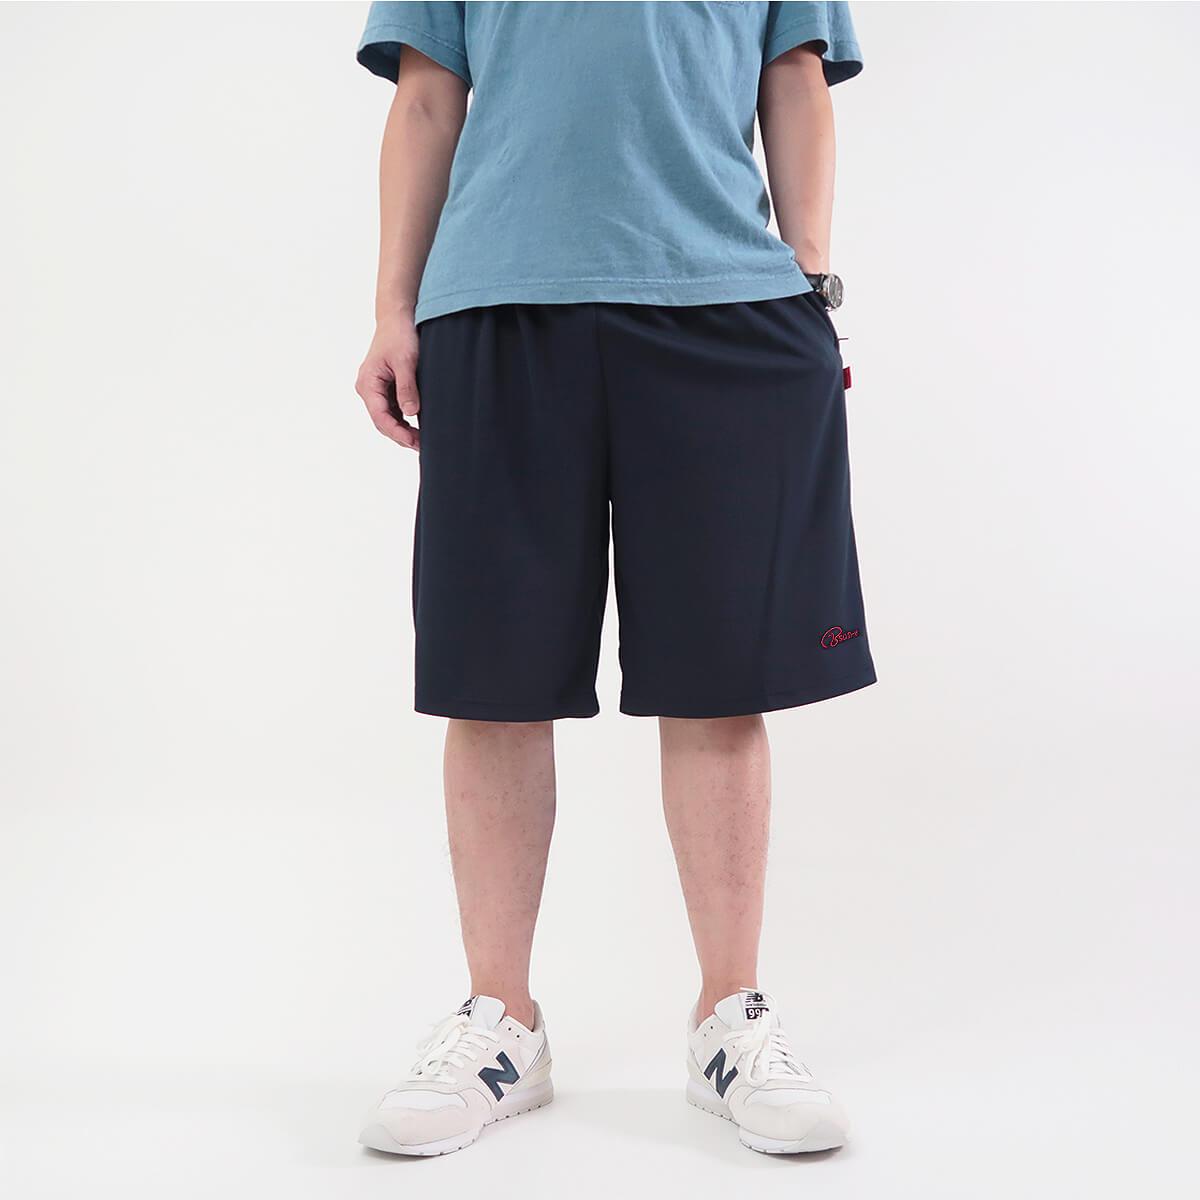 加大尺碼吸濕排汗運動短褲 拉鍊口袋台灣製運動褲 排汗速乾短褲 球褲 大尺碼男裝 機能纖維彈性短褲 休閒短褲 Big_And_Tall Made In Taiwan Sport Shorts Track